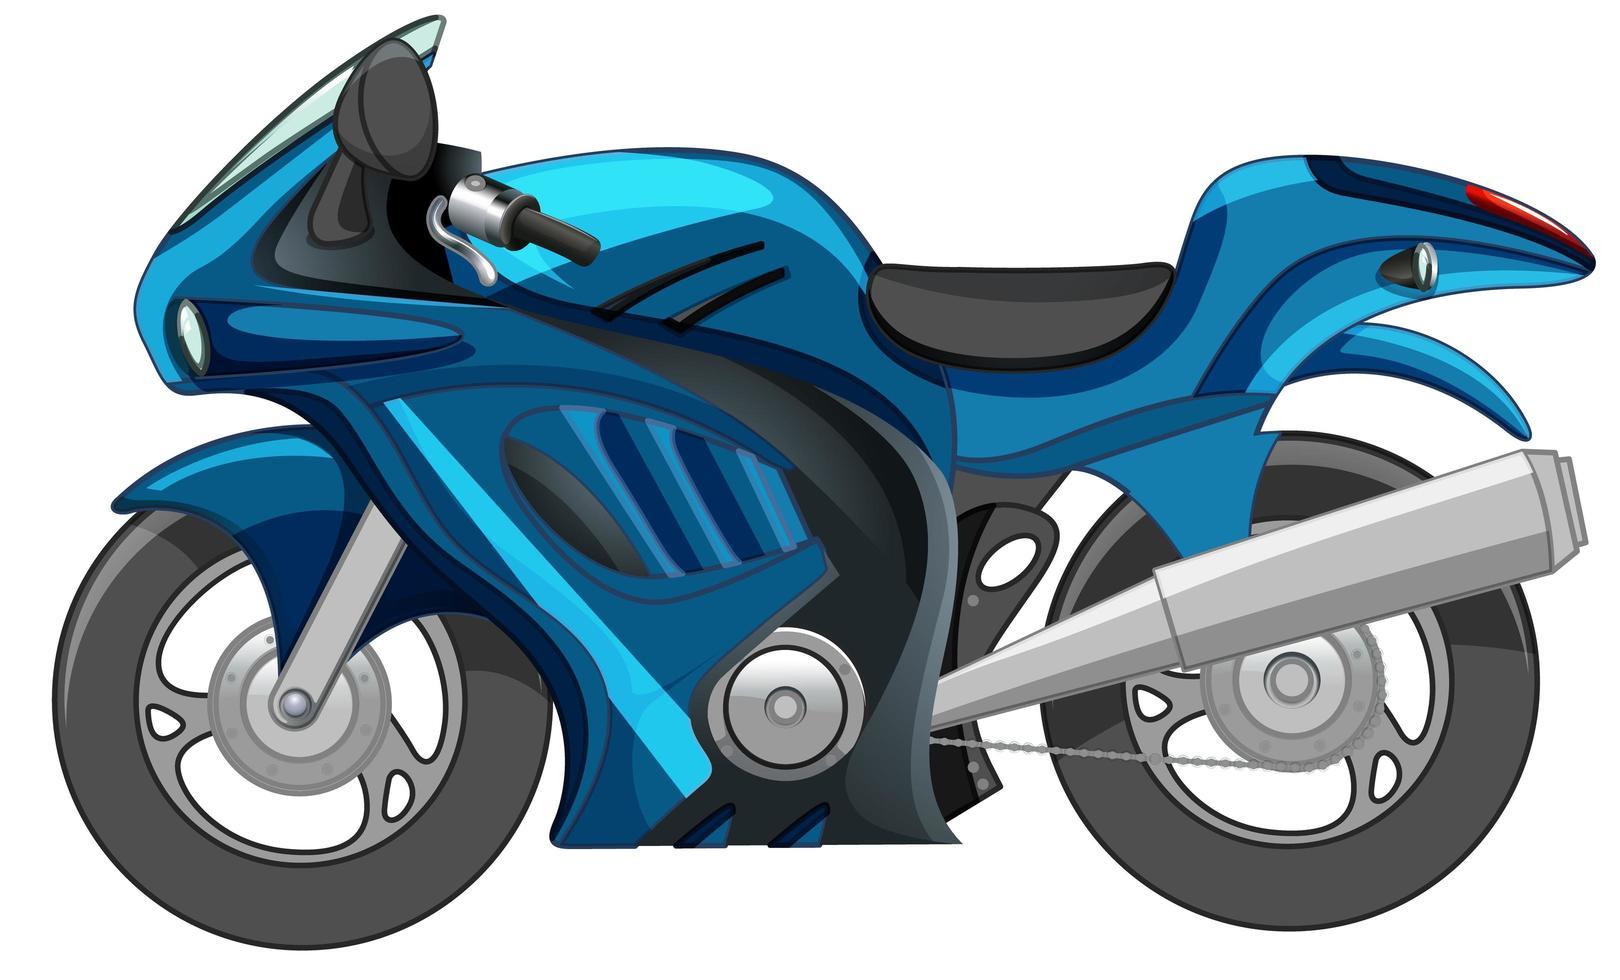 blauwe motor of racefiets geïsoleerd op een witte achtergrond vector